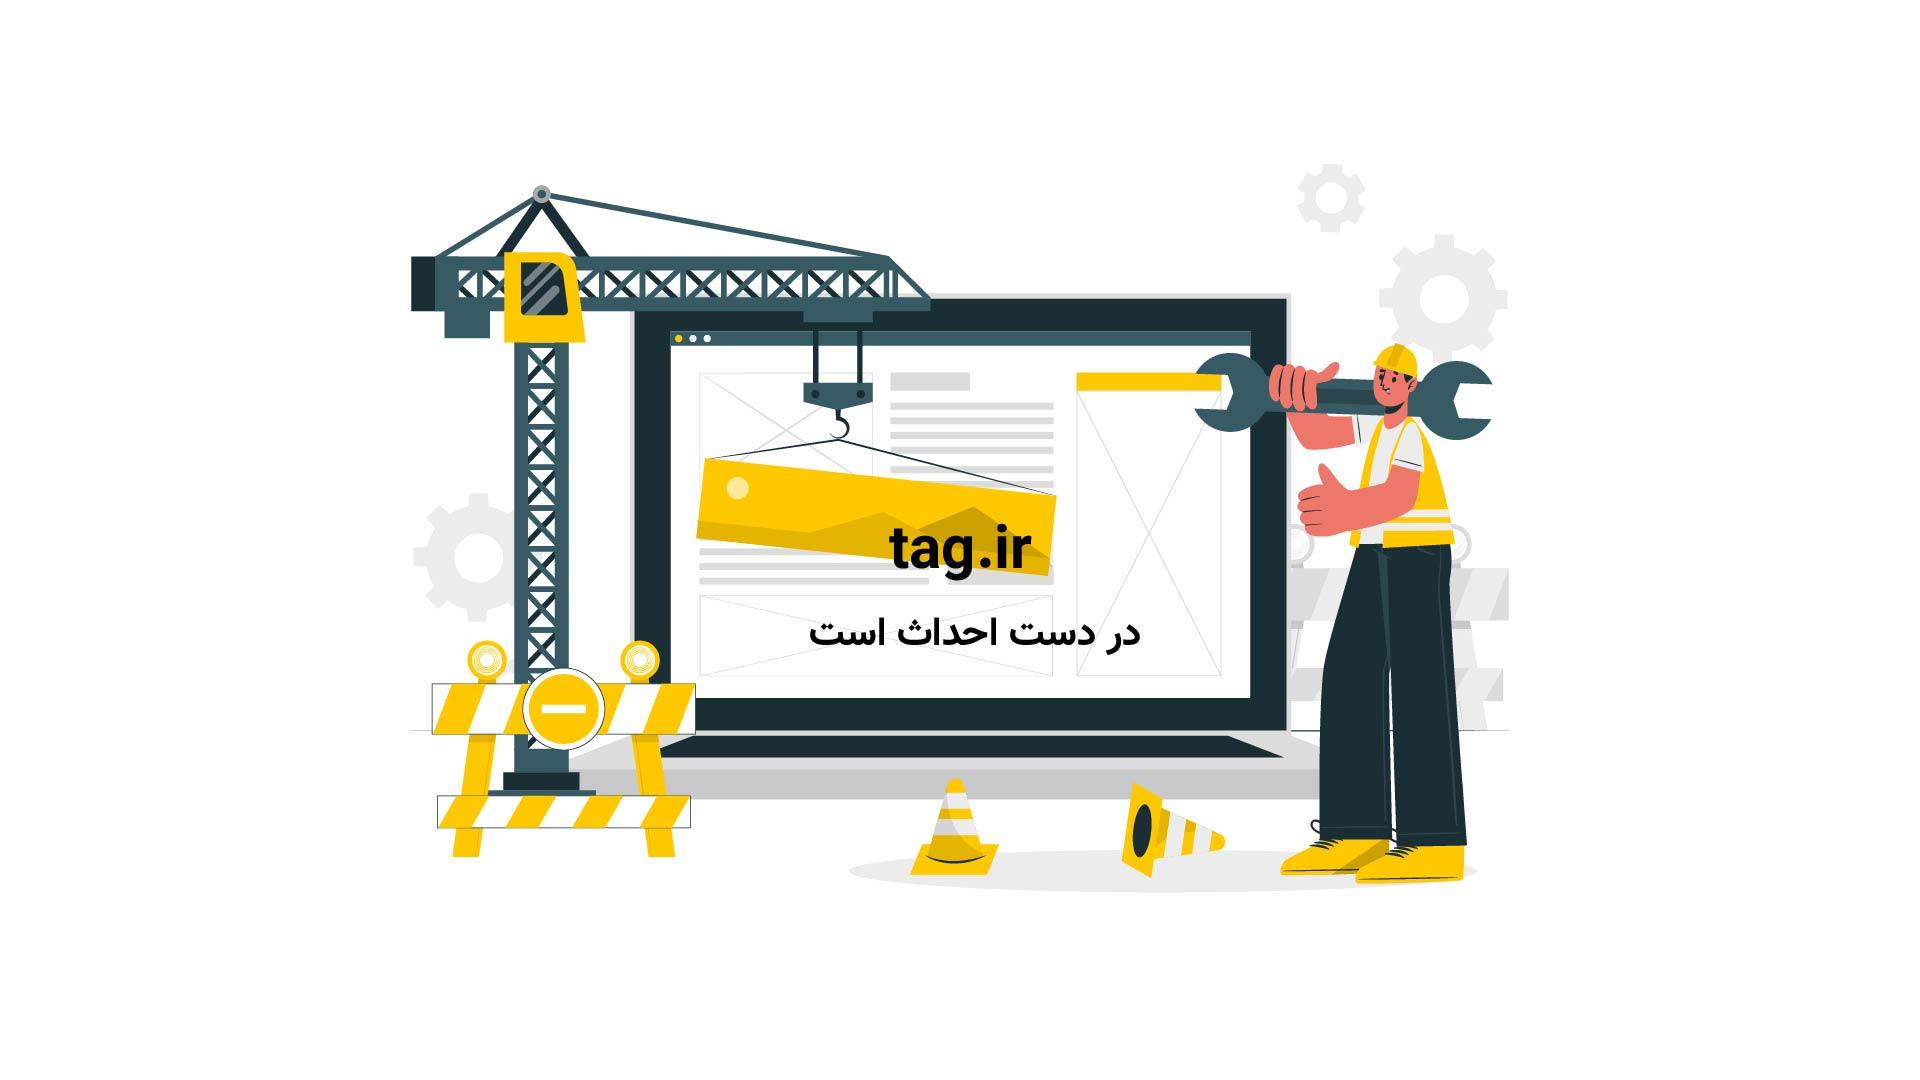 تکنیک نقاشی با آبرنگ؛ آموزش کشیدن پروانه با شکوفه های صورتی | فیلم